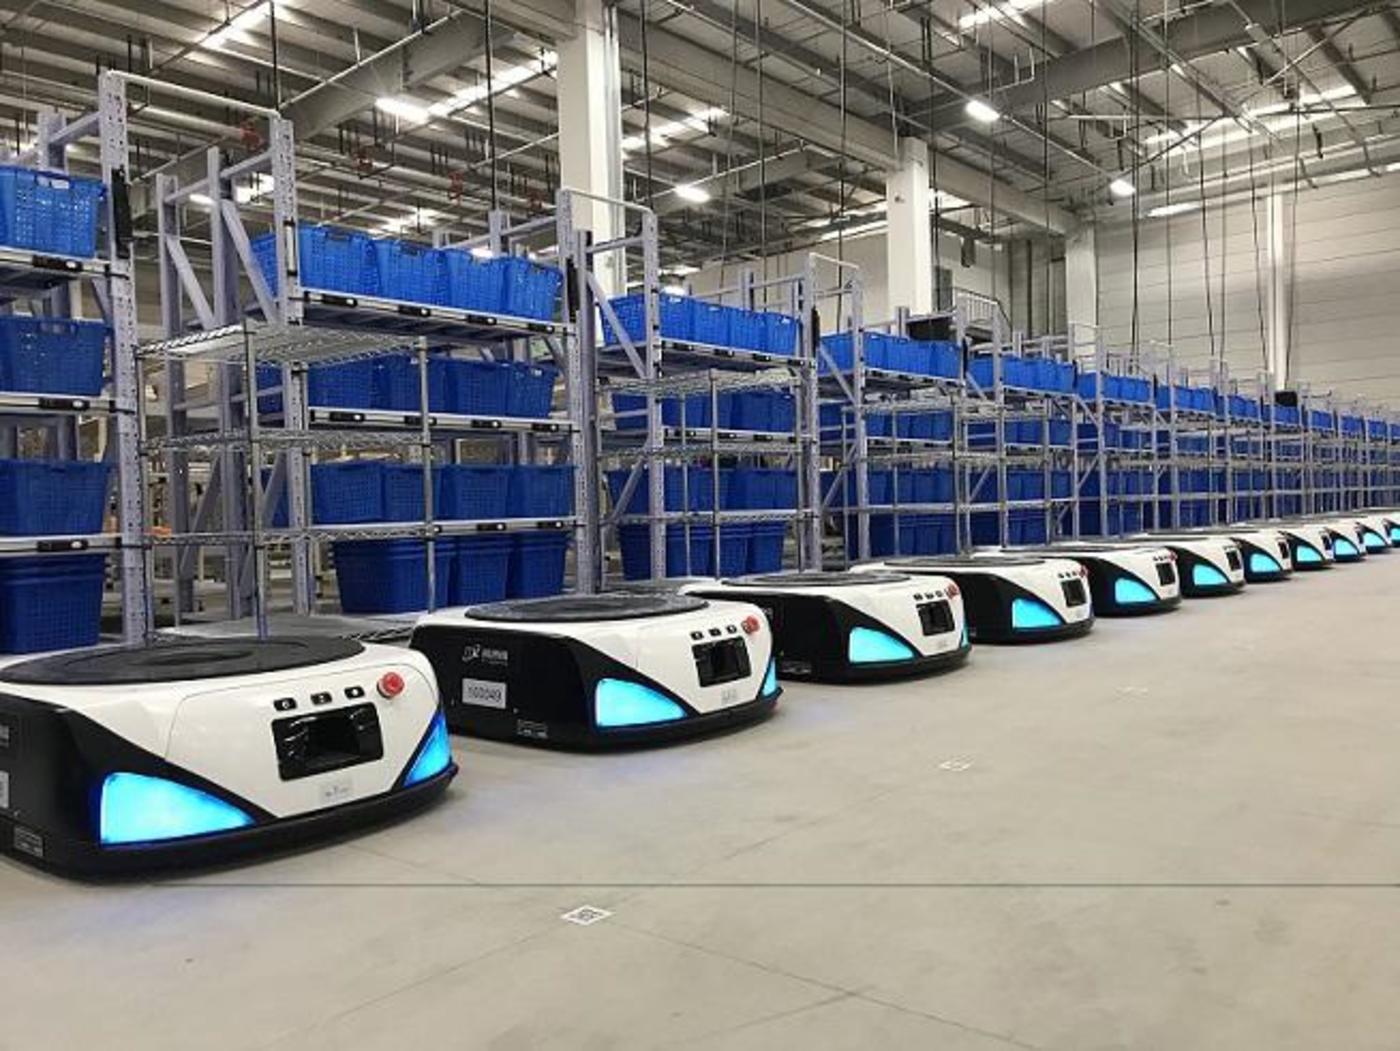 由艾瑞思机器人组成的智慧仓库。